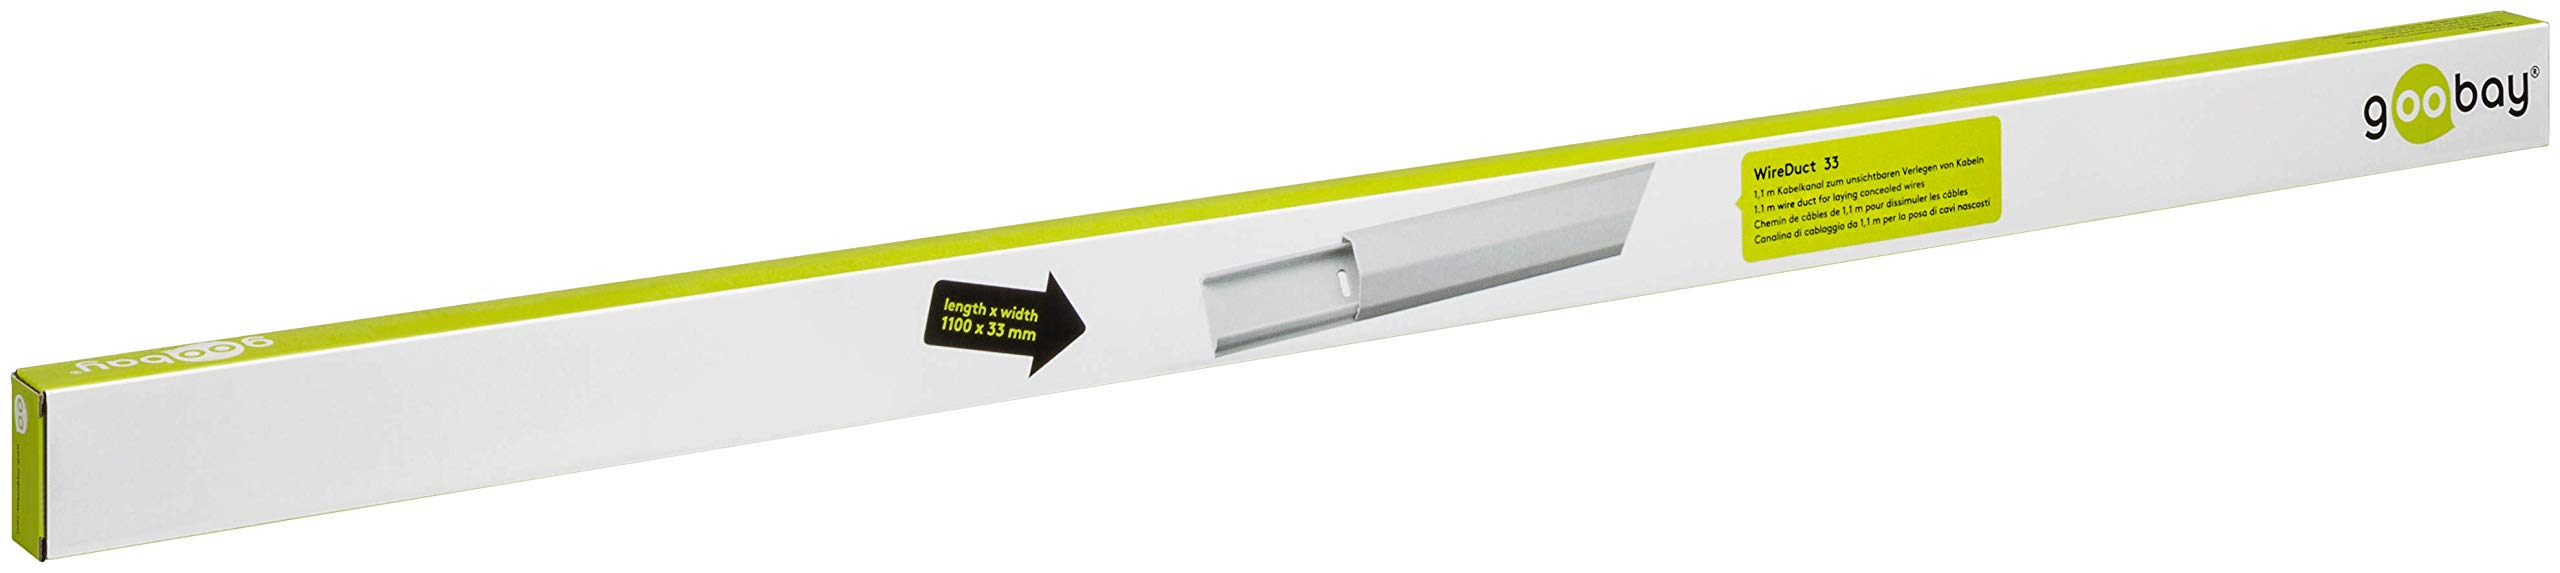 2465049-Goobay-90727-Canalina-di-Cablaggio-Alluminio-33mm-Lunghezza-1-1m-Bianc miniatura 3